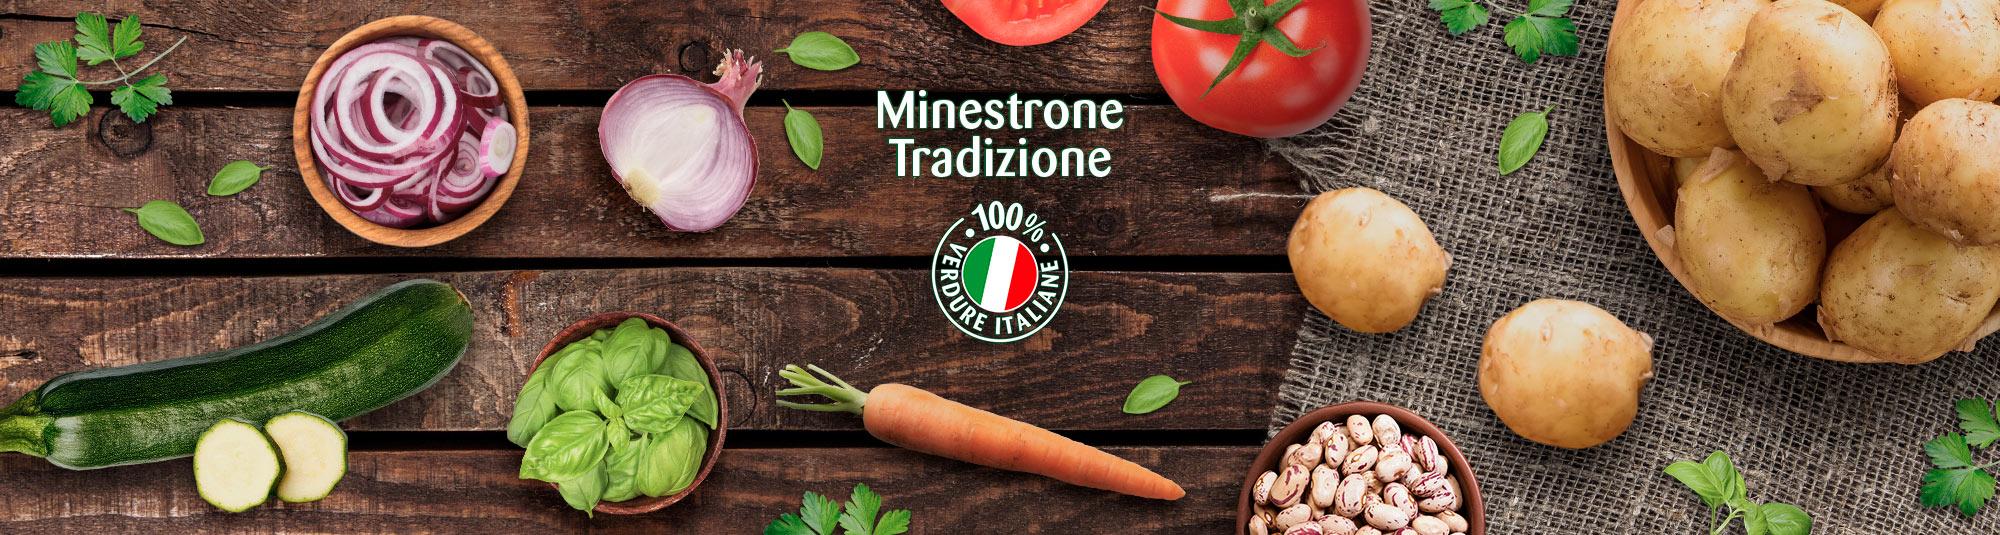 Minestrone Tradizione Findus, il minestrone surgelato da agricoltura sostenibile